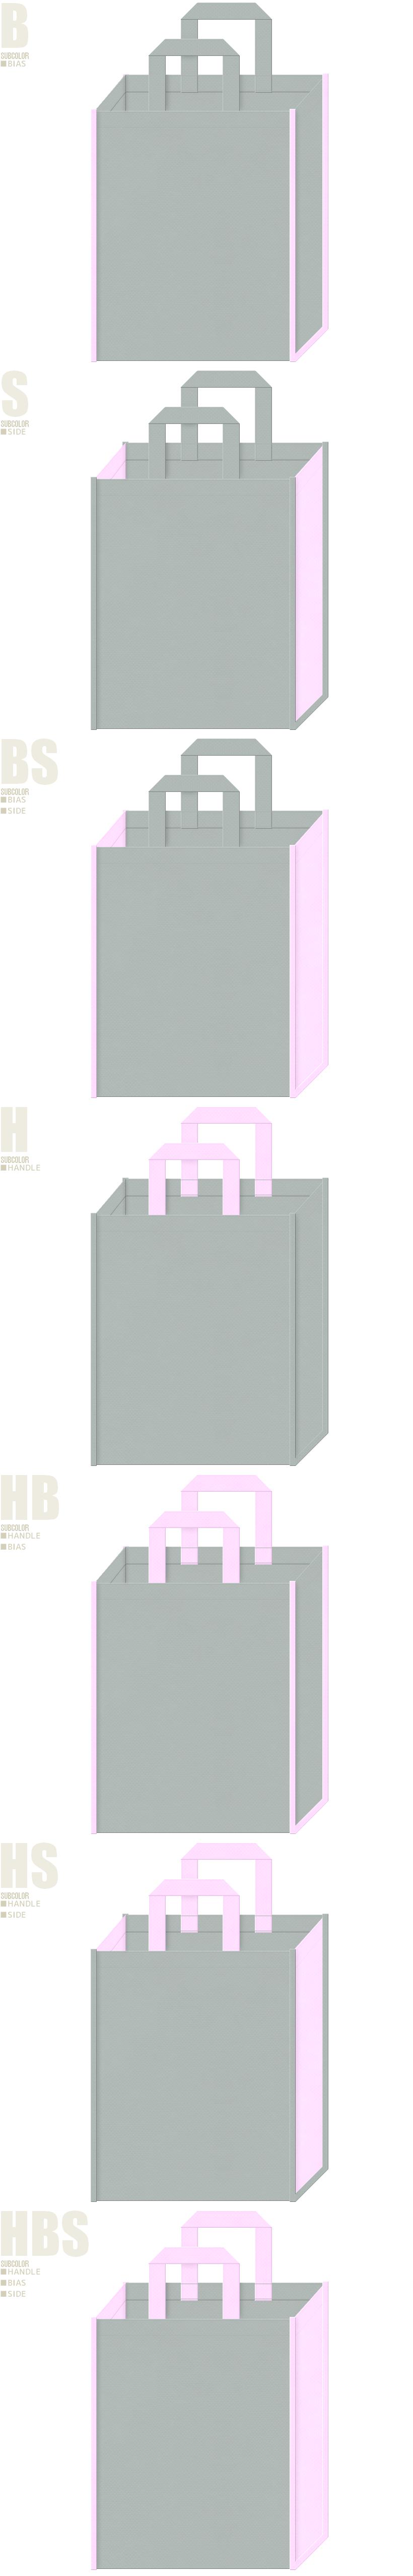 グレー色と明るめのピンク色-7パターンの不織布トートバッグ配色デザイン例